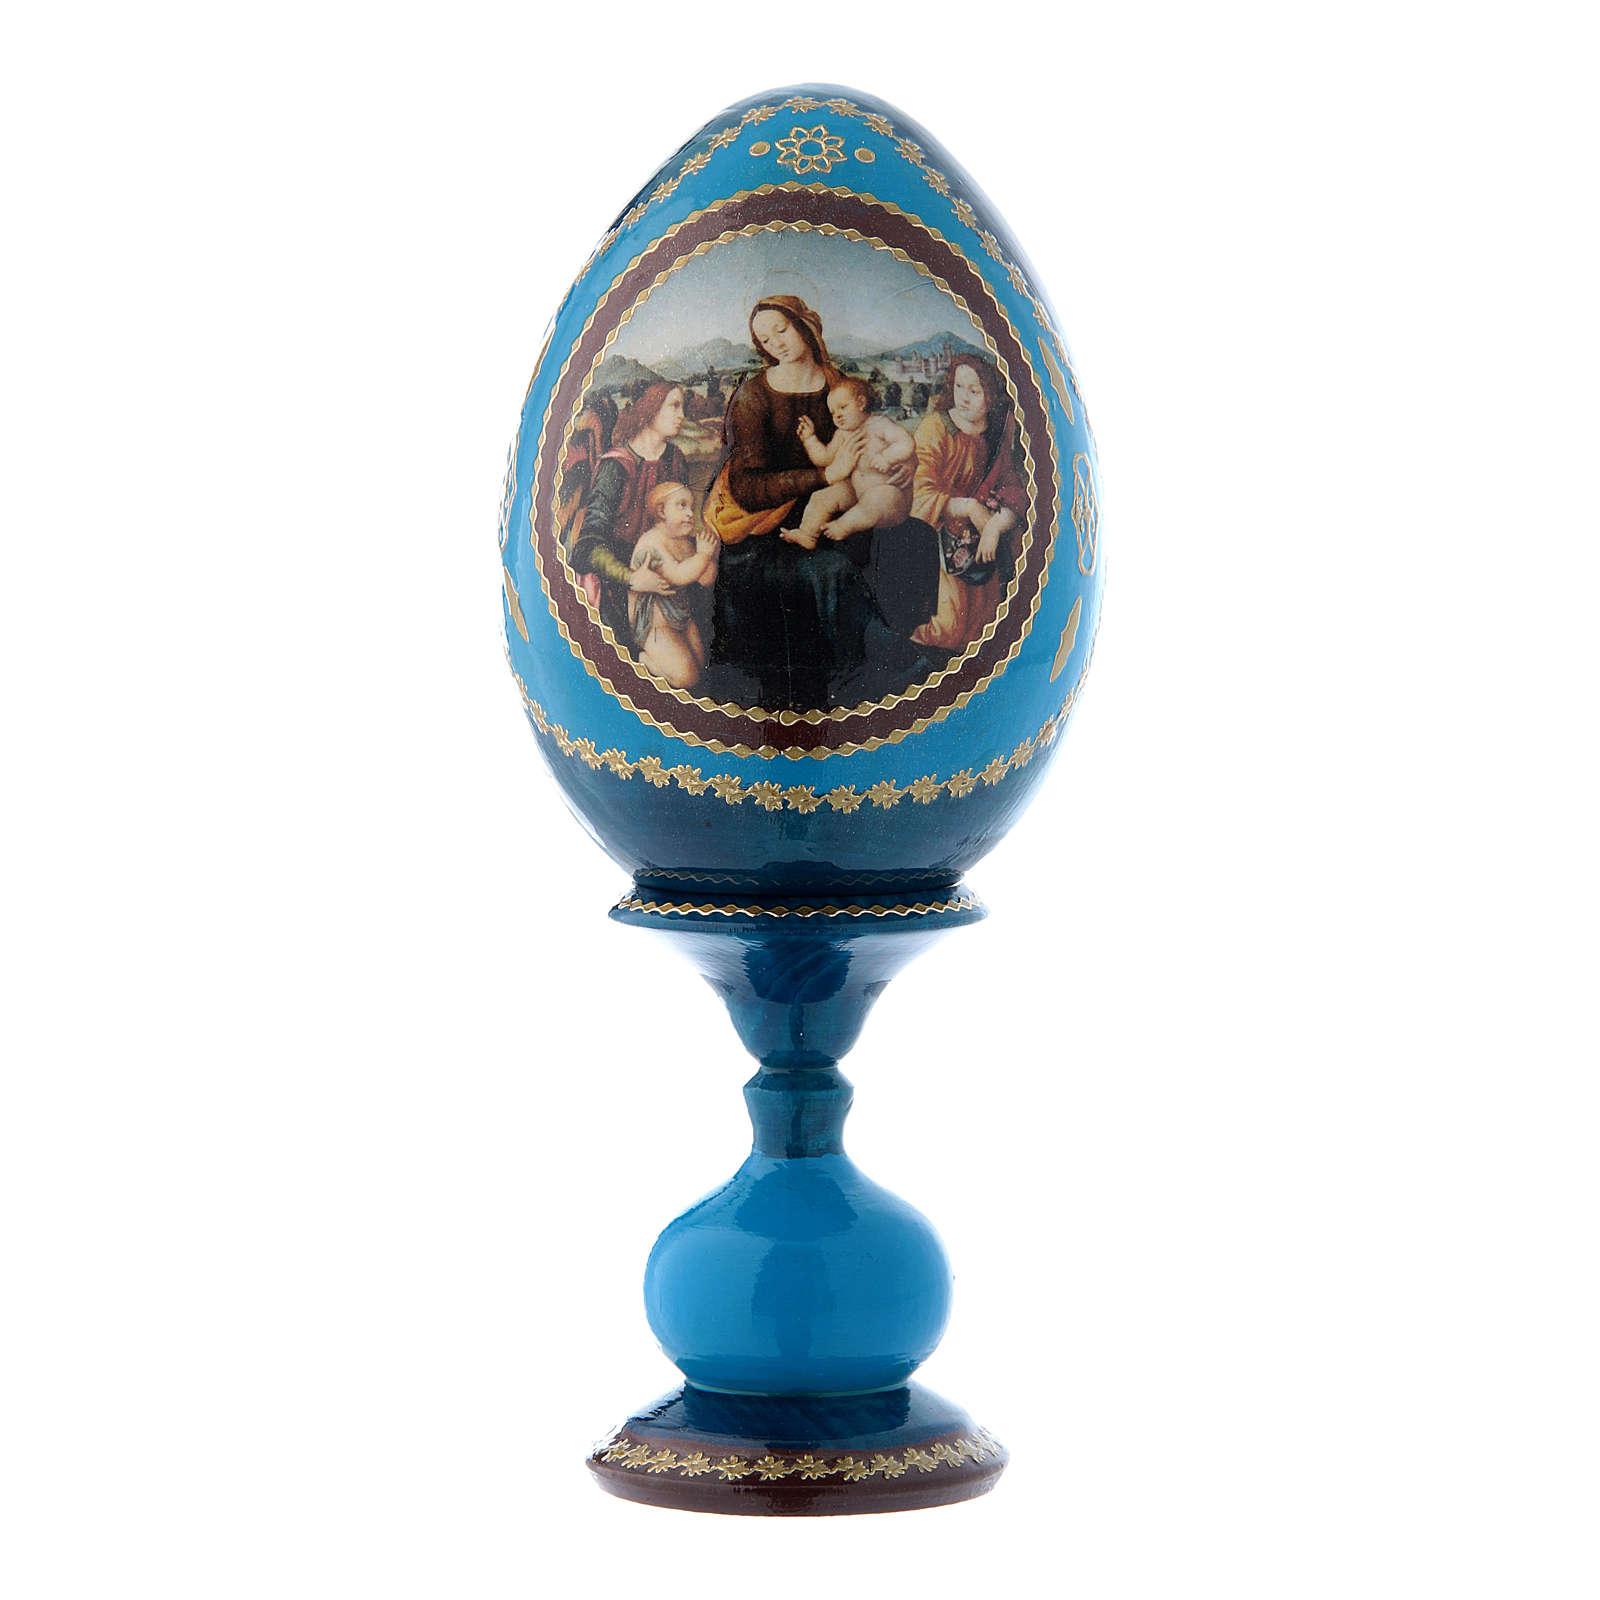 Huevo ruso estilo Fabergé azul Virgen con Niño, San Juanito y Ángeles h tot 16 cm 4